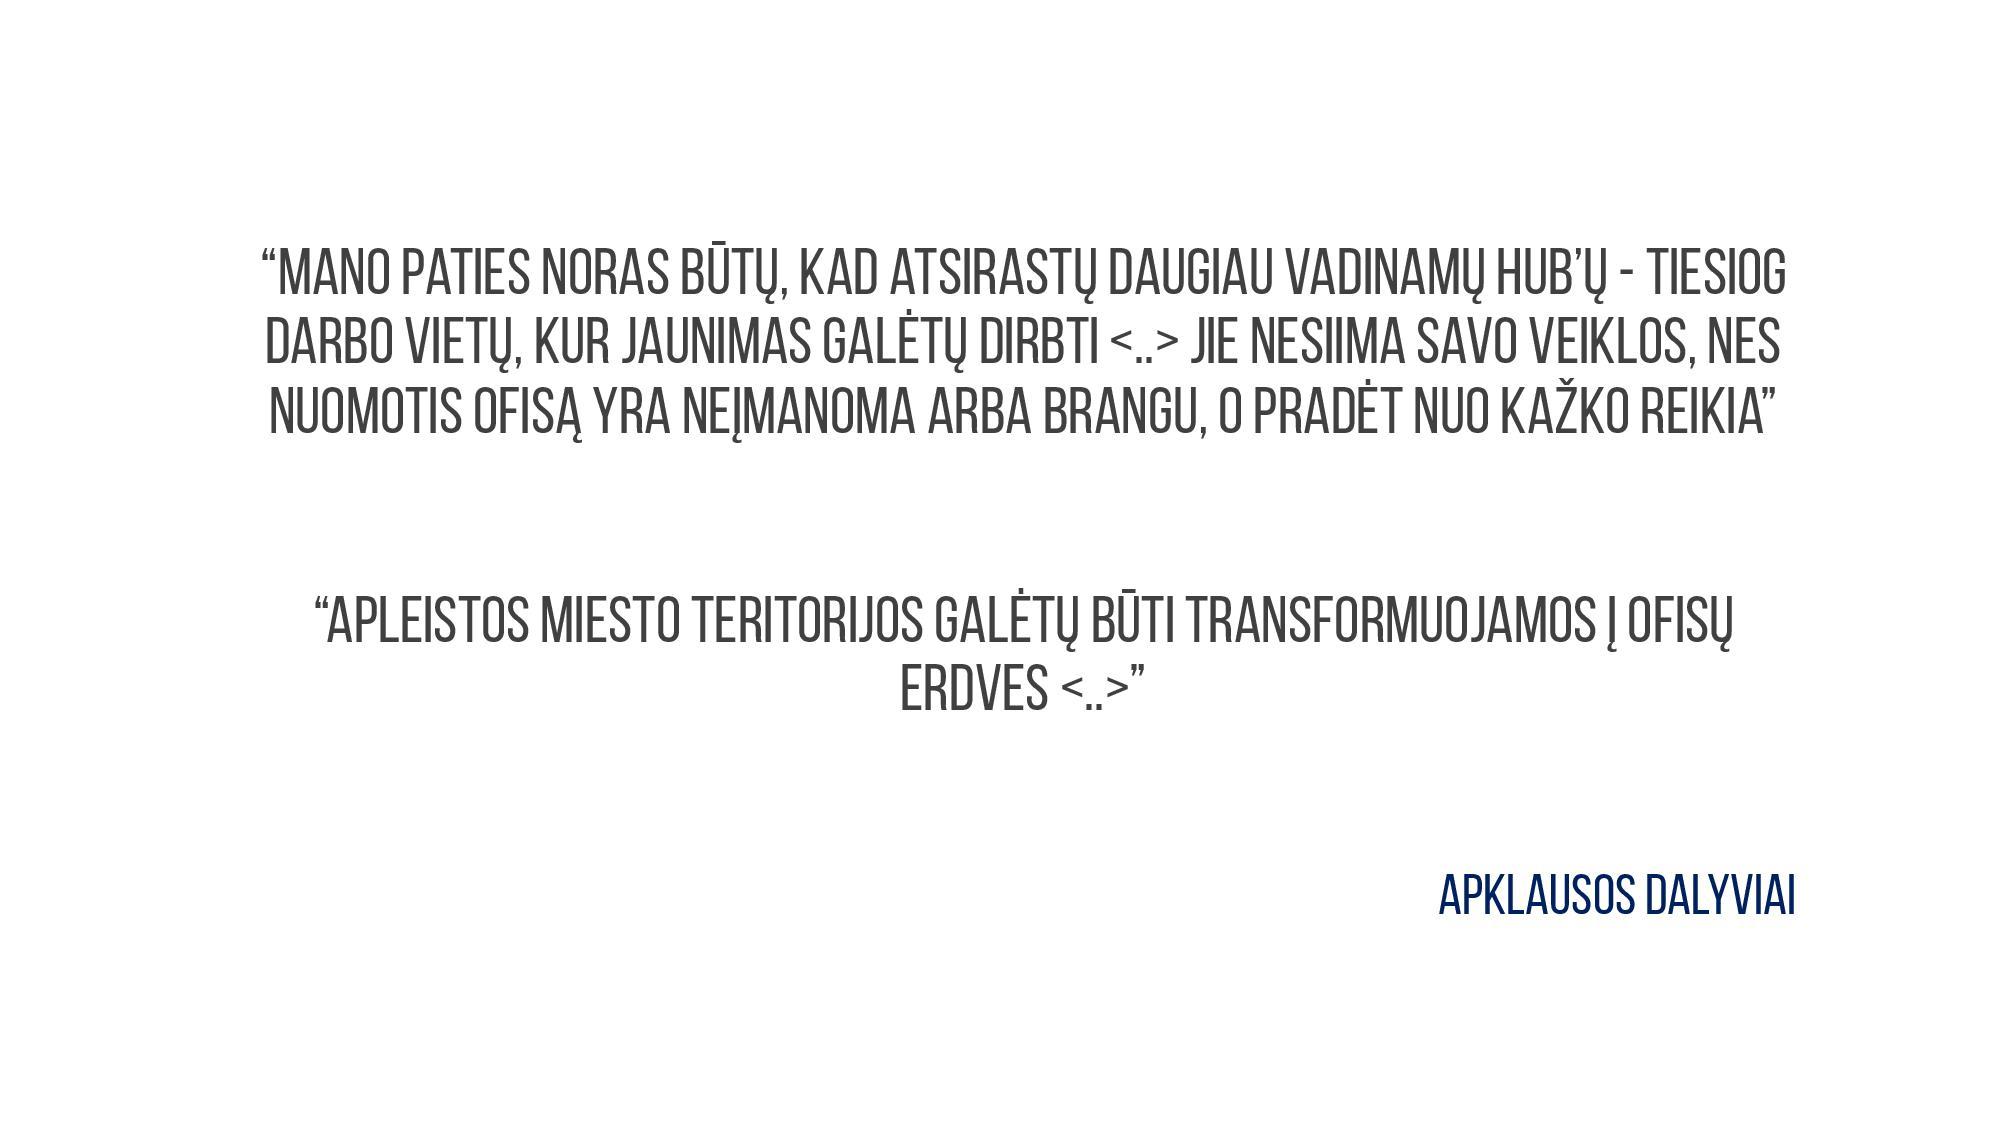 KūrybinisKAUNAS_Apklausa-page-016